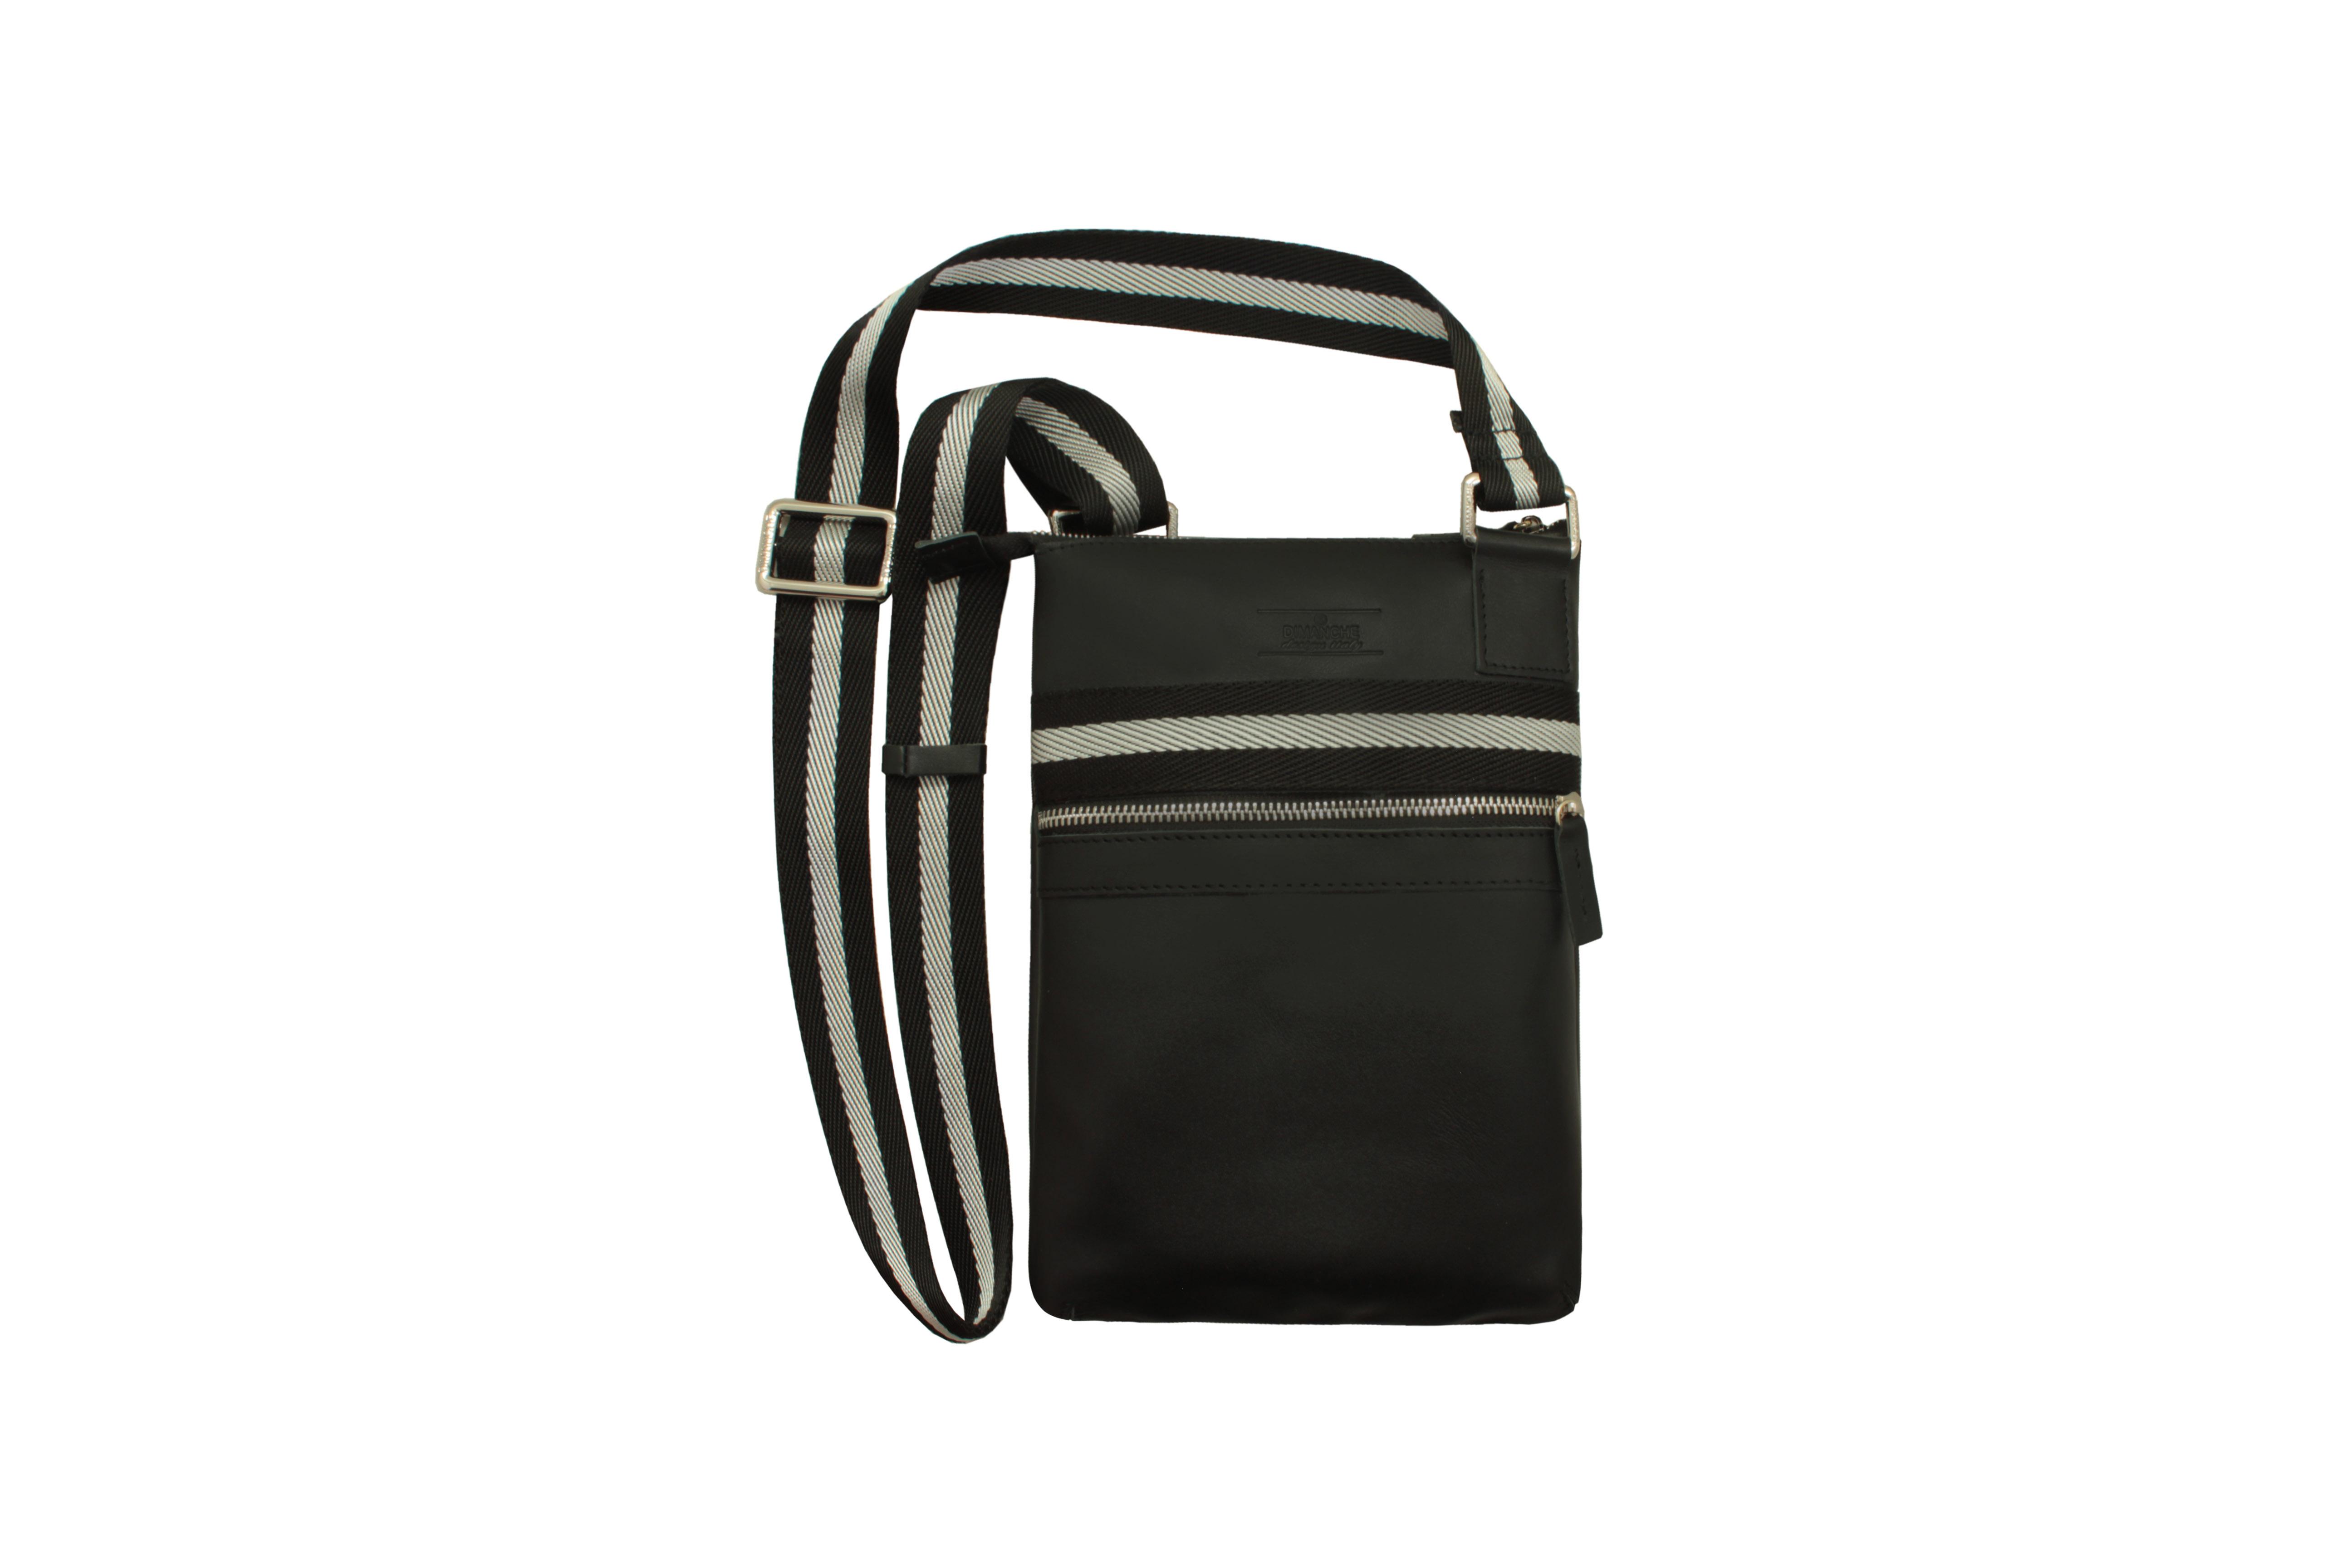 Сумка Dimanche, цвет: черный. 811/1_П811/1_ПСтильная удобная сумка-планшет. Одно отделение на молнии, внутри два кармана (один на молнии, второй открытый). На лицевой стороне есть карман на молнии. Текстильный ремень регулируется по длине.